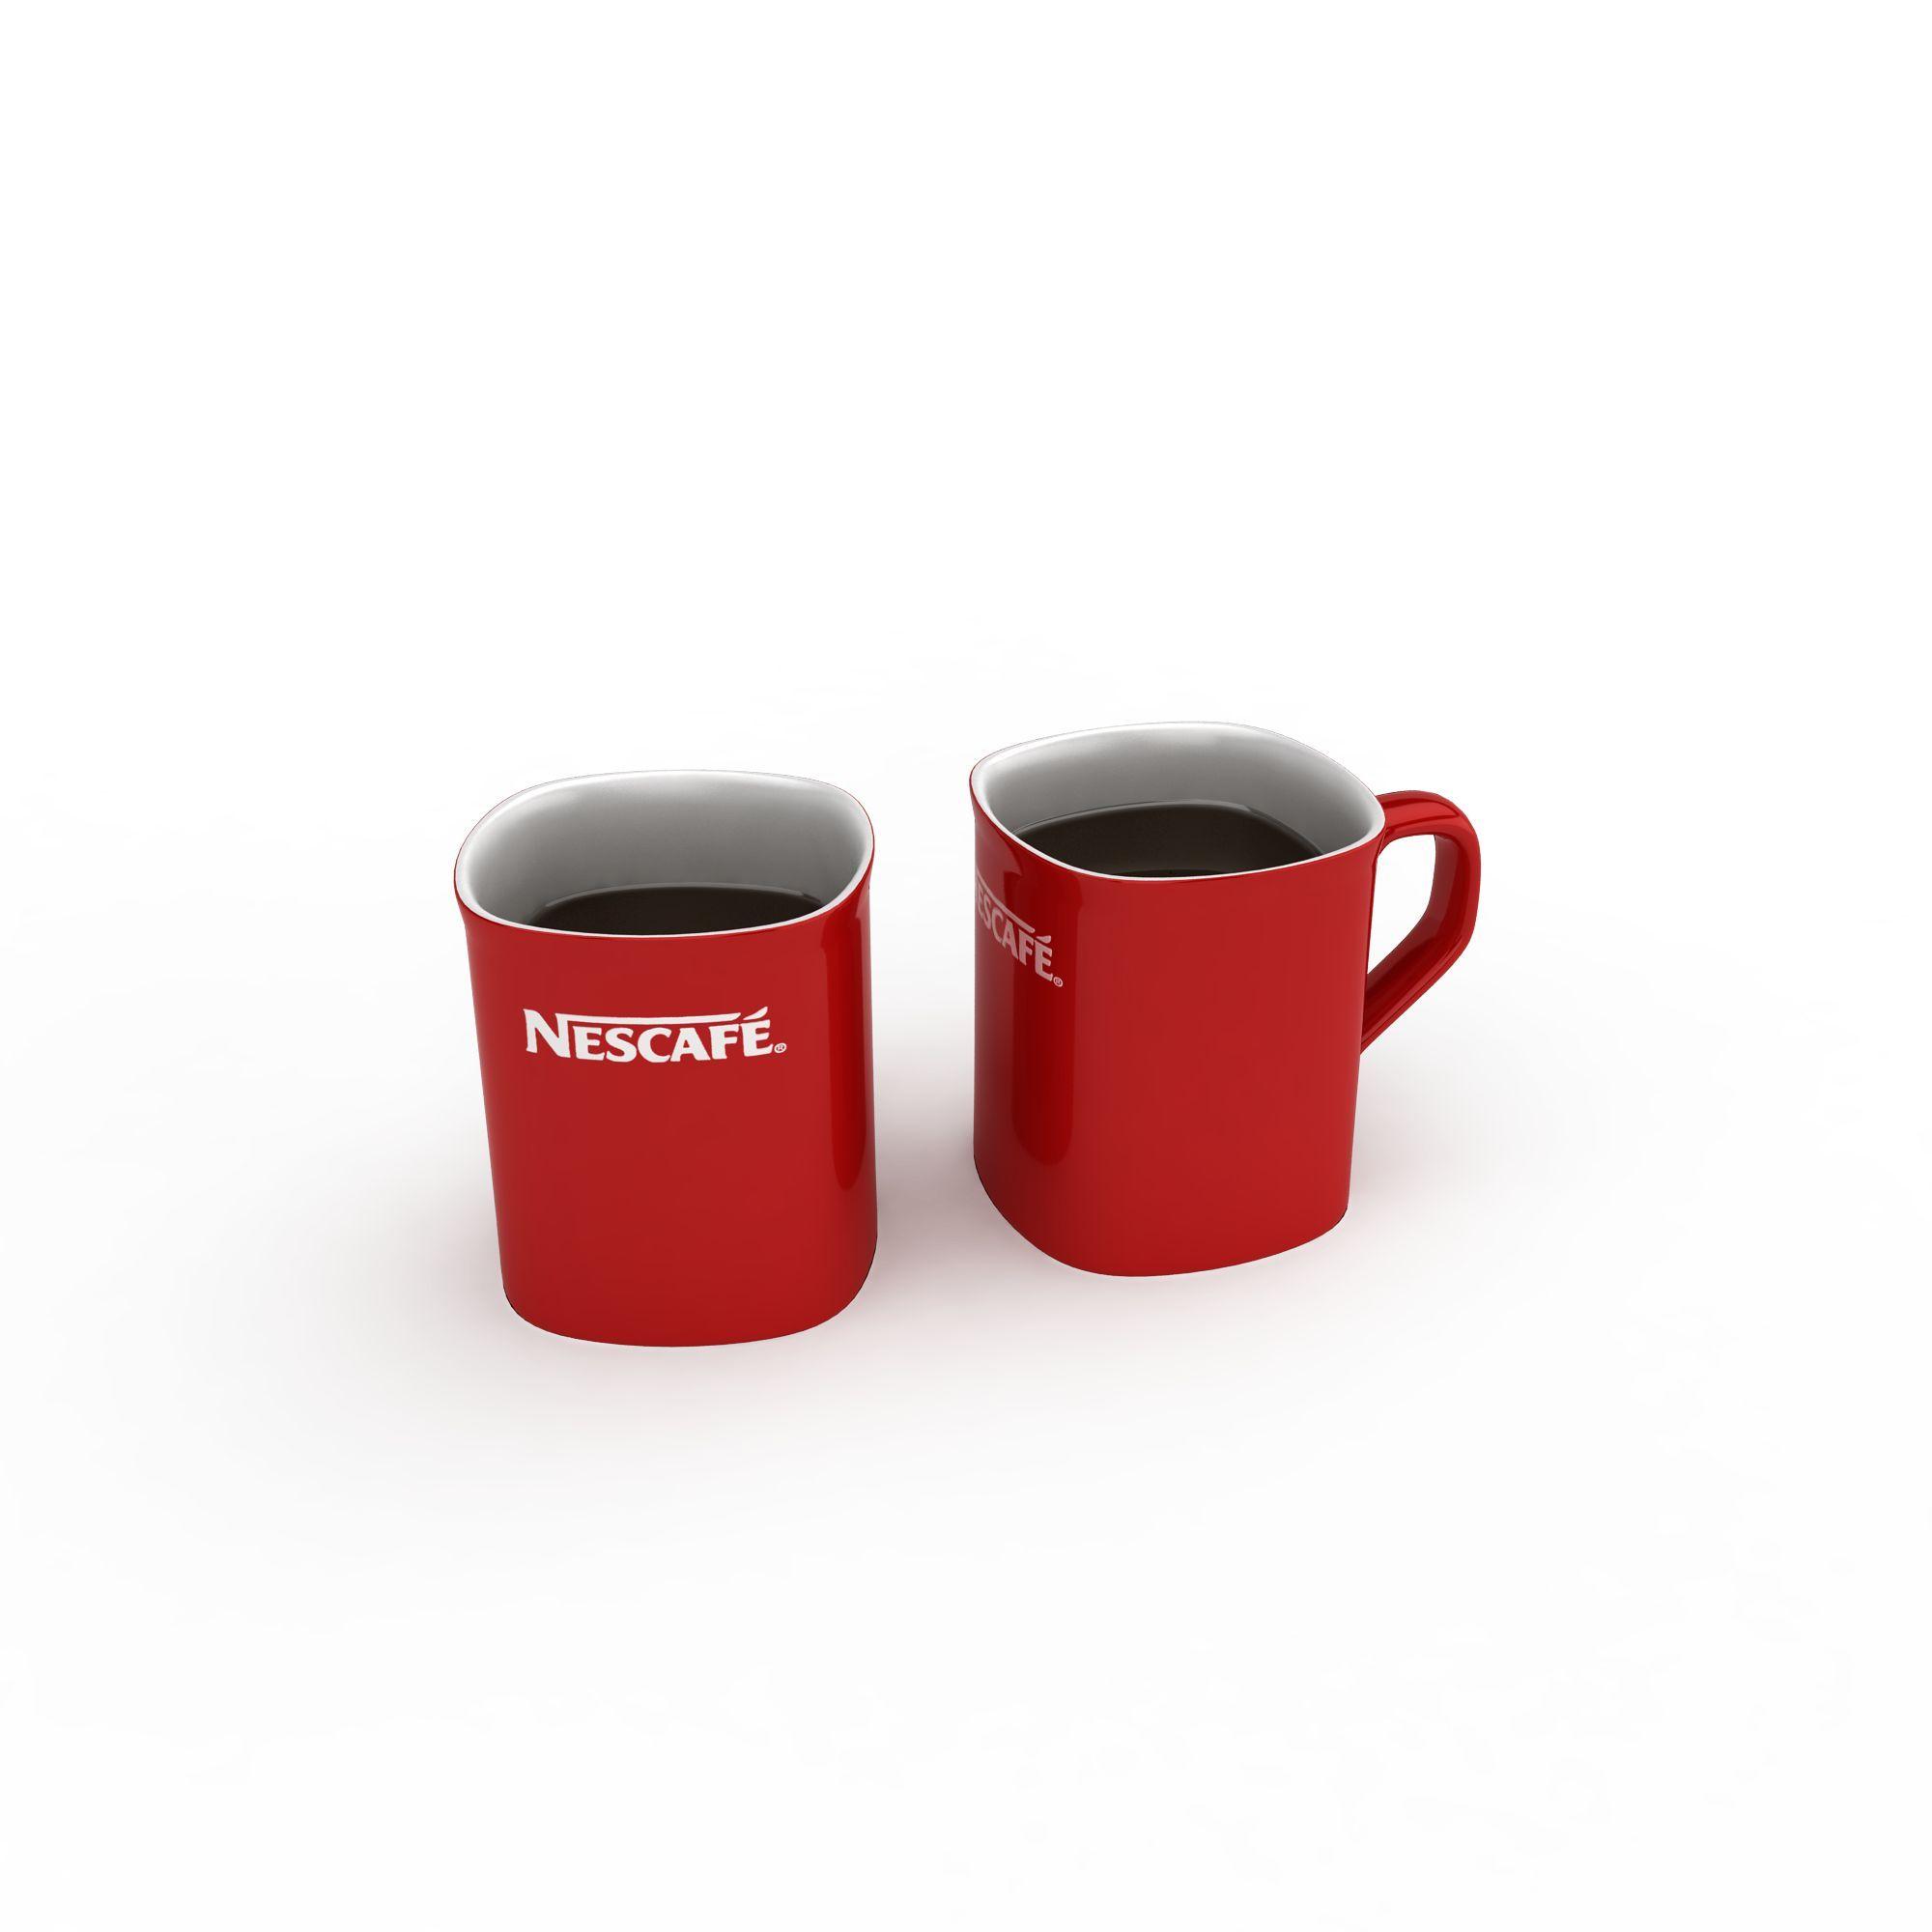 咖啡杯子图片_咖啡杯子png图片素材_咖啡杯子png高清